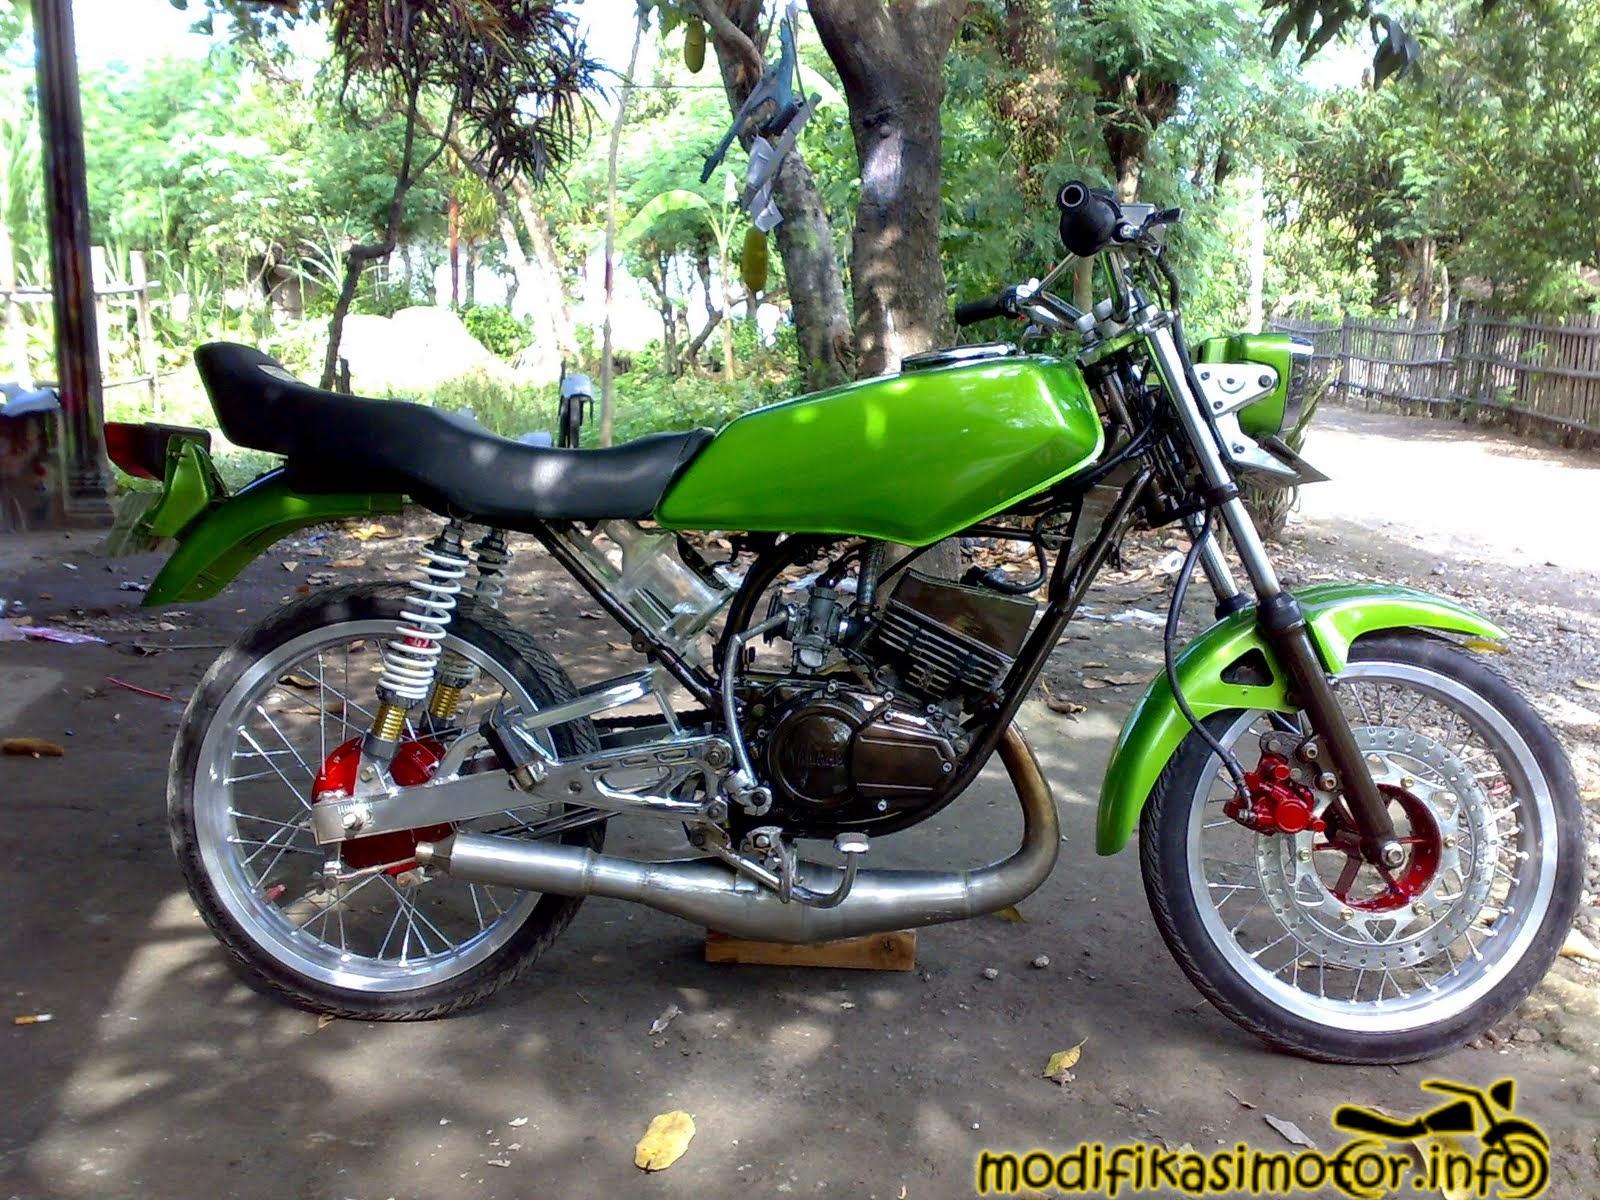 Koleksi Foto Modifikasi Motor Rx King Terlengkap Modispik Motor